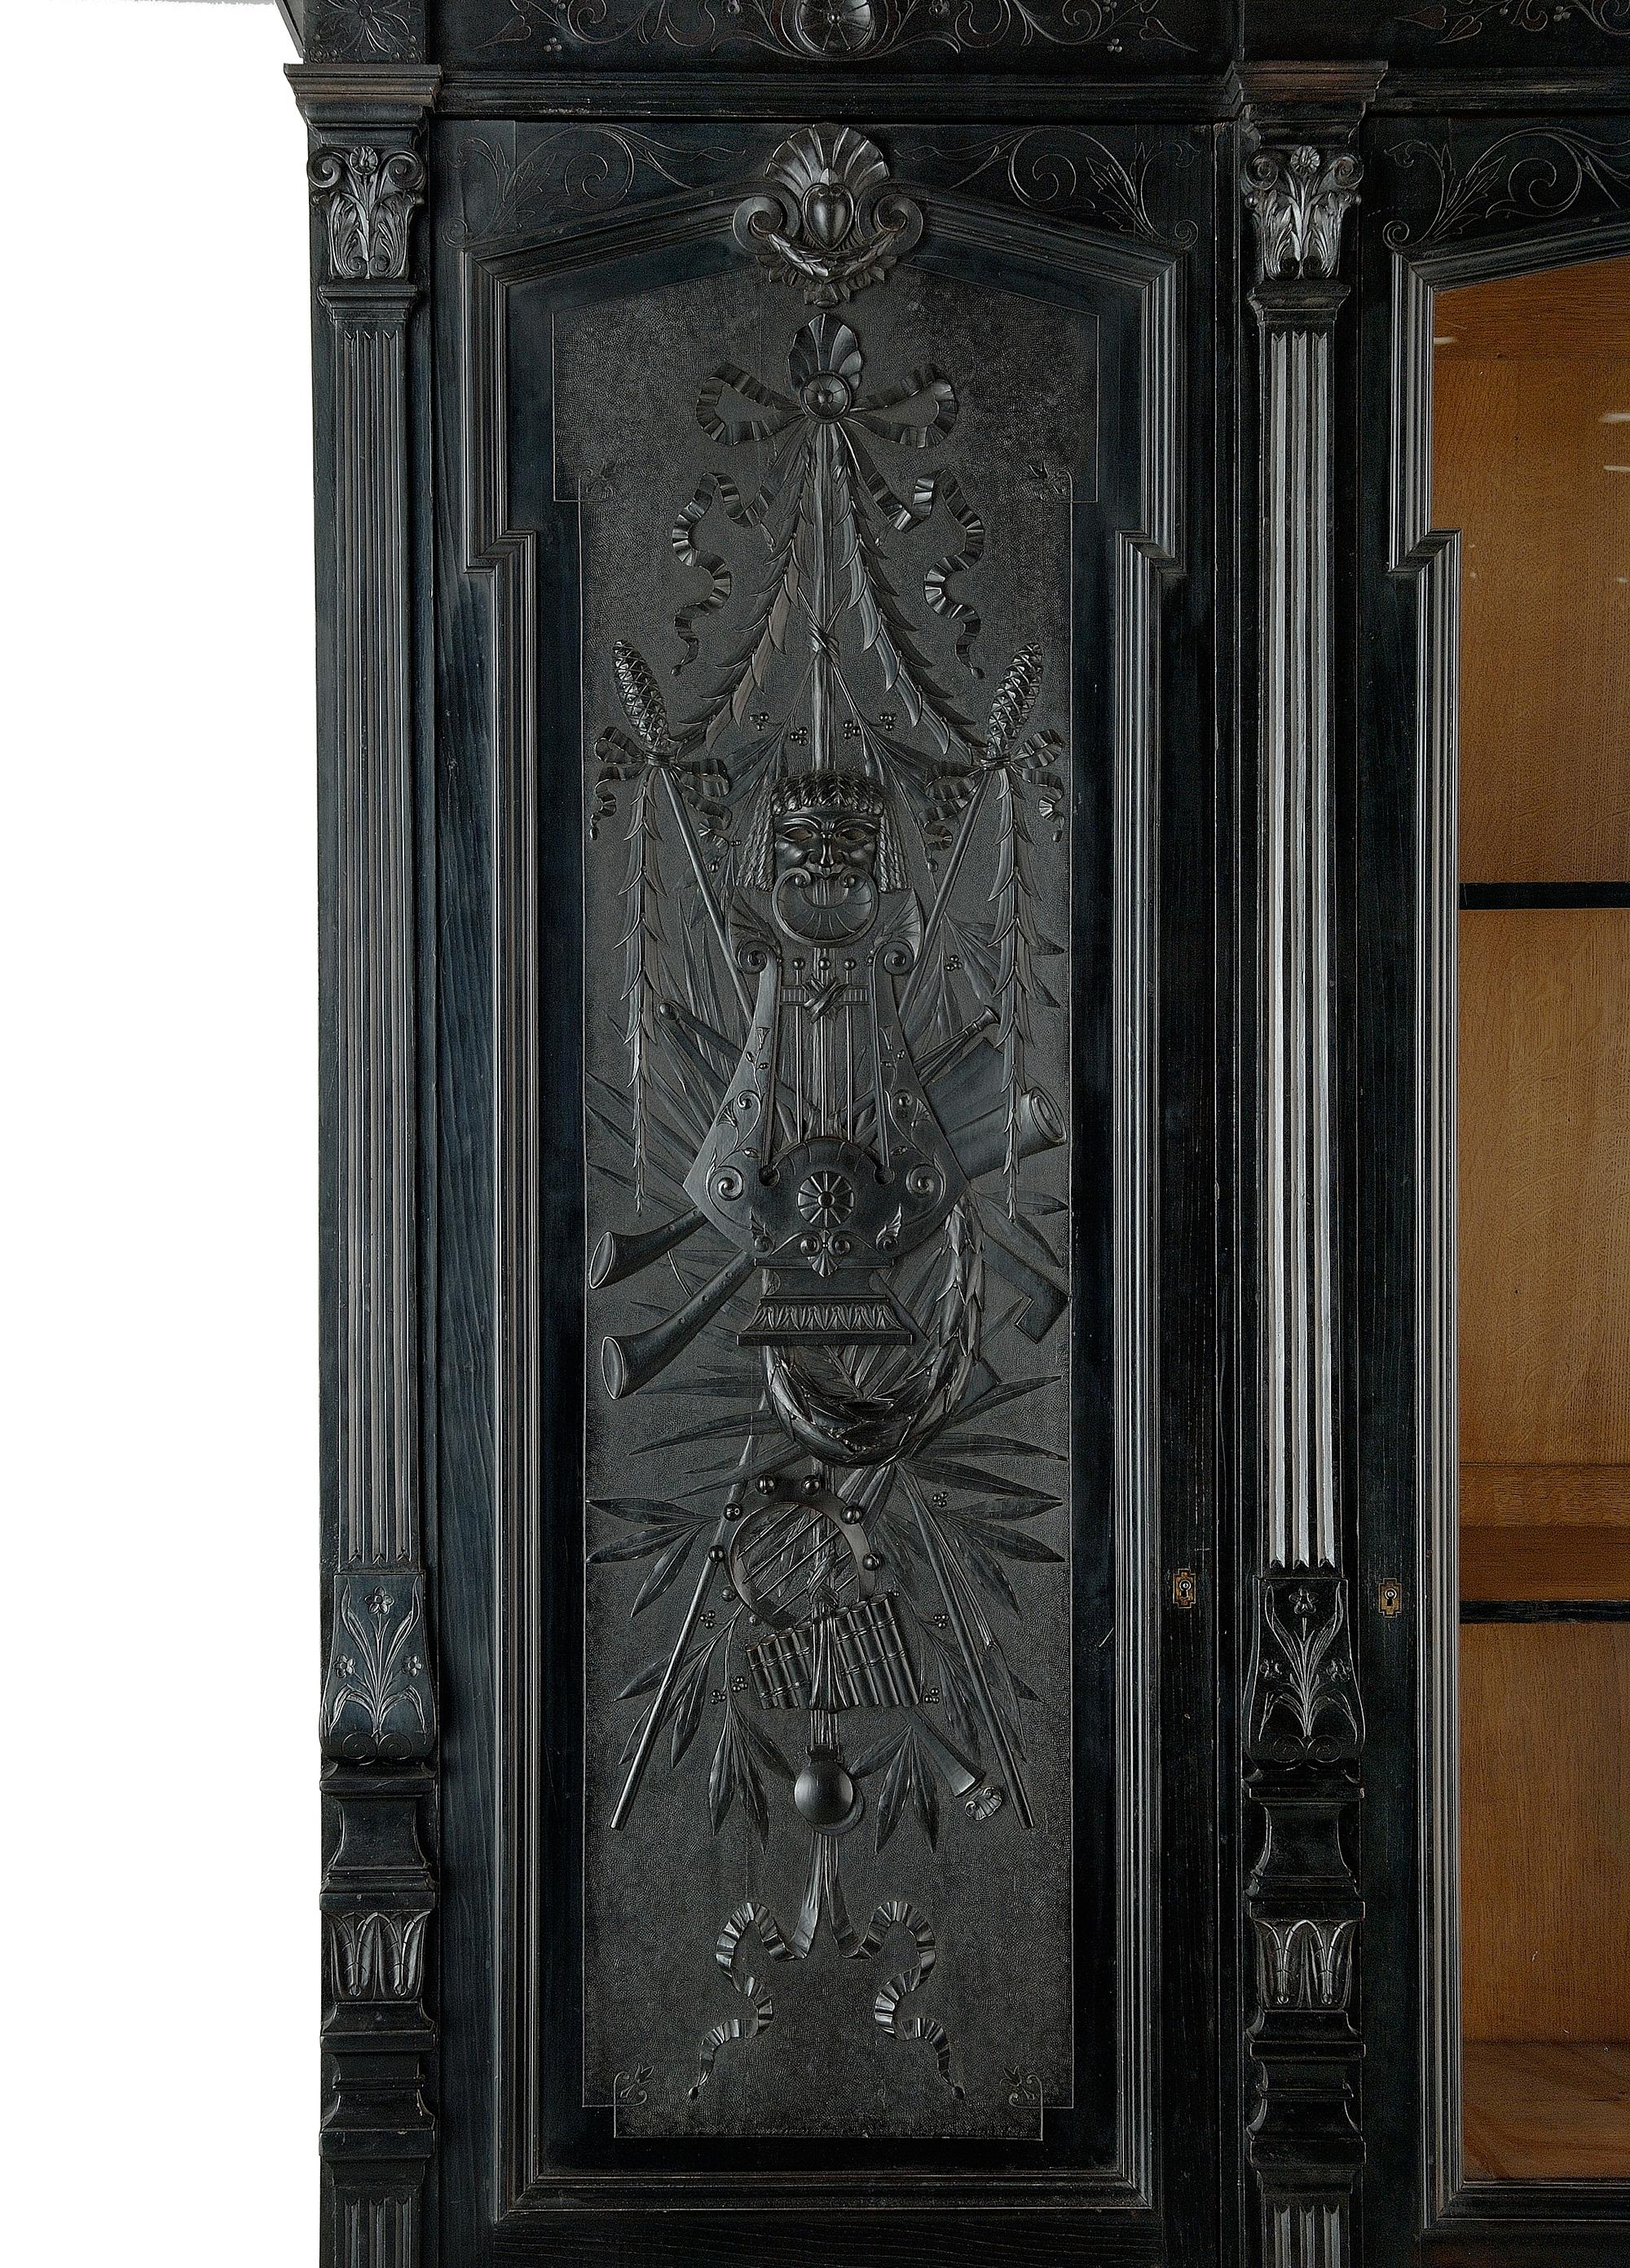 si vous souhaitez utiliser ce visuel veuillez contacter la phototh que des arts d coratifs. Black Bedroom Furniture Sets. Home Design Ideas